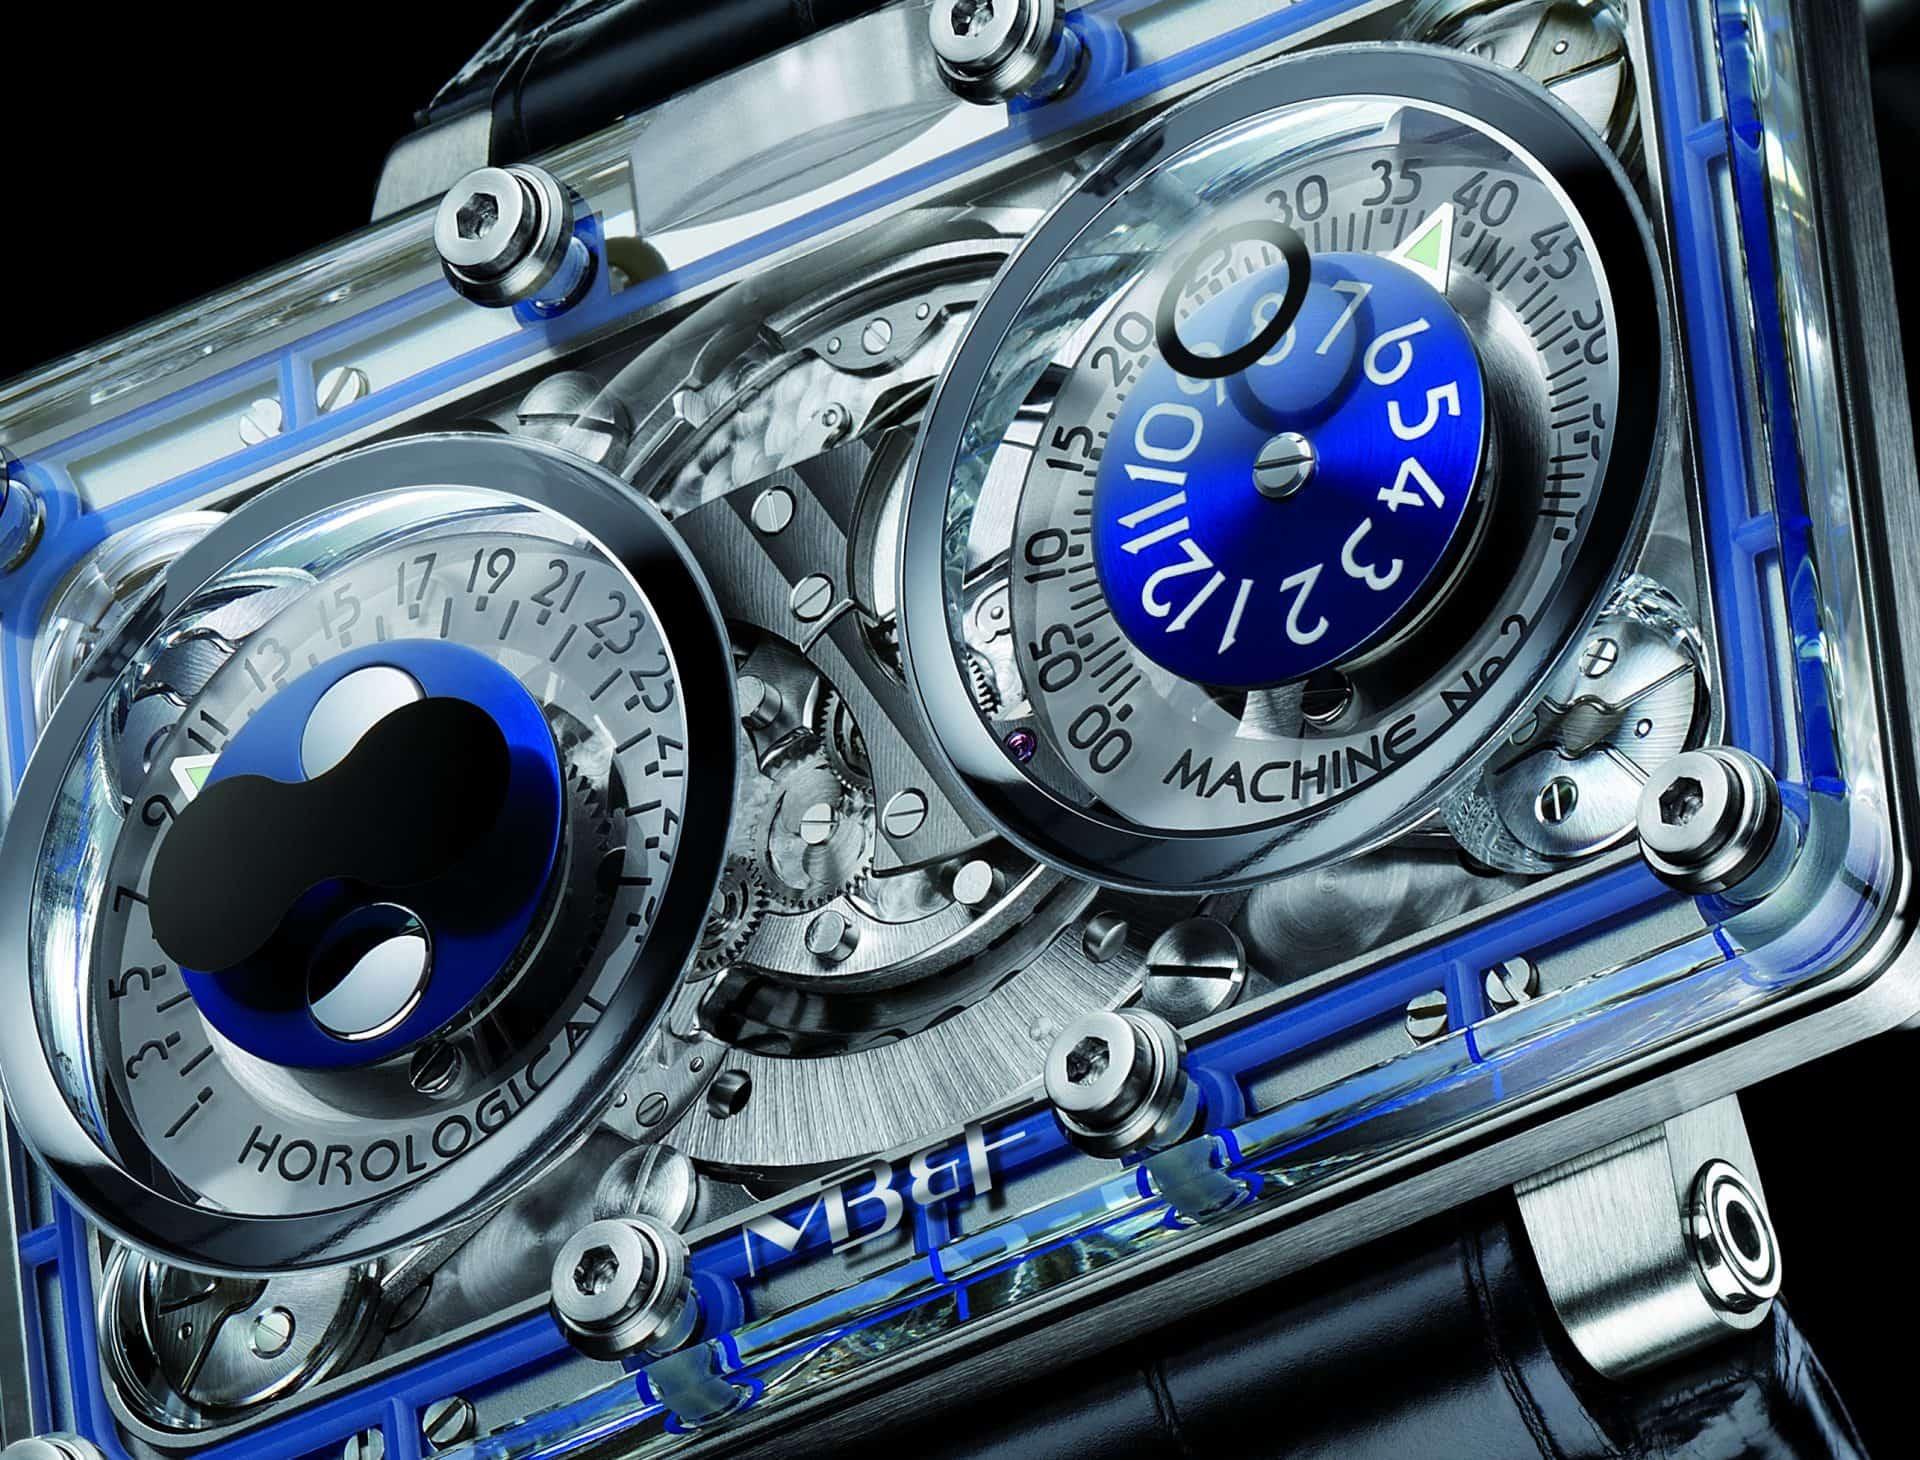 Eine außergewöhnliche Uhr mit Saphirgehäuse - die MB&F The Machine 2